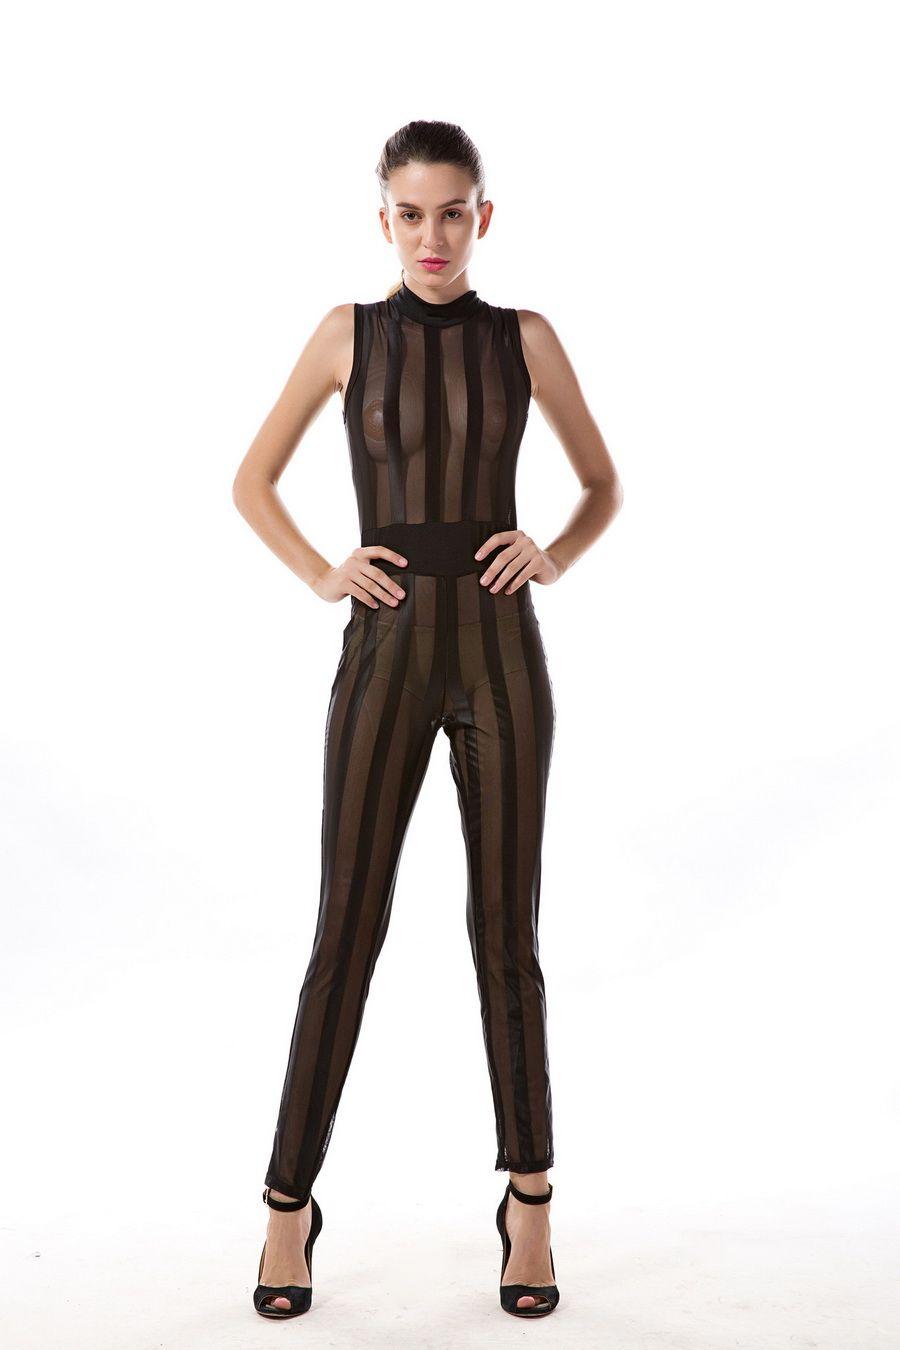 2017 Yaz Kadın Parti Bodycon Tulum Derin V boyun Seksi Çapraz geri strappy bodysuit tulum bandaj saydamlık romper yeşil